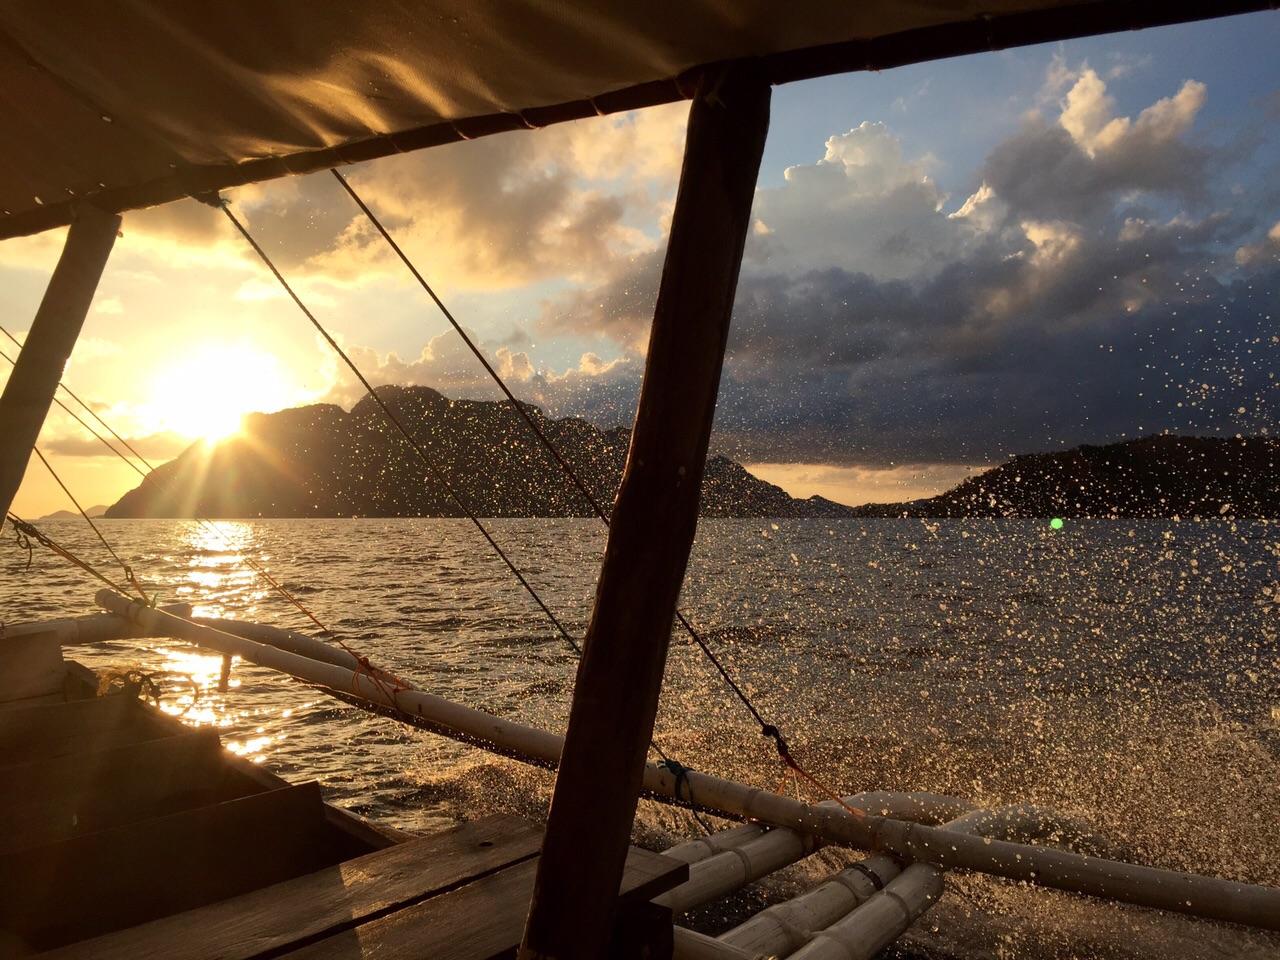 coron_sunset_palawan_lustforthesublime